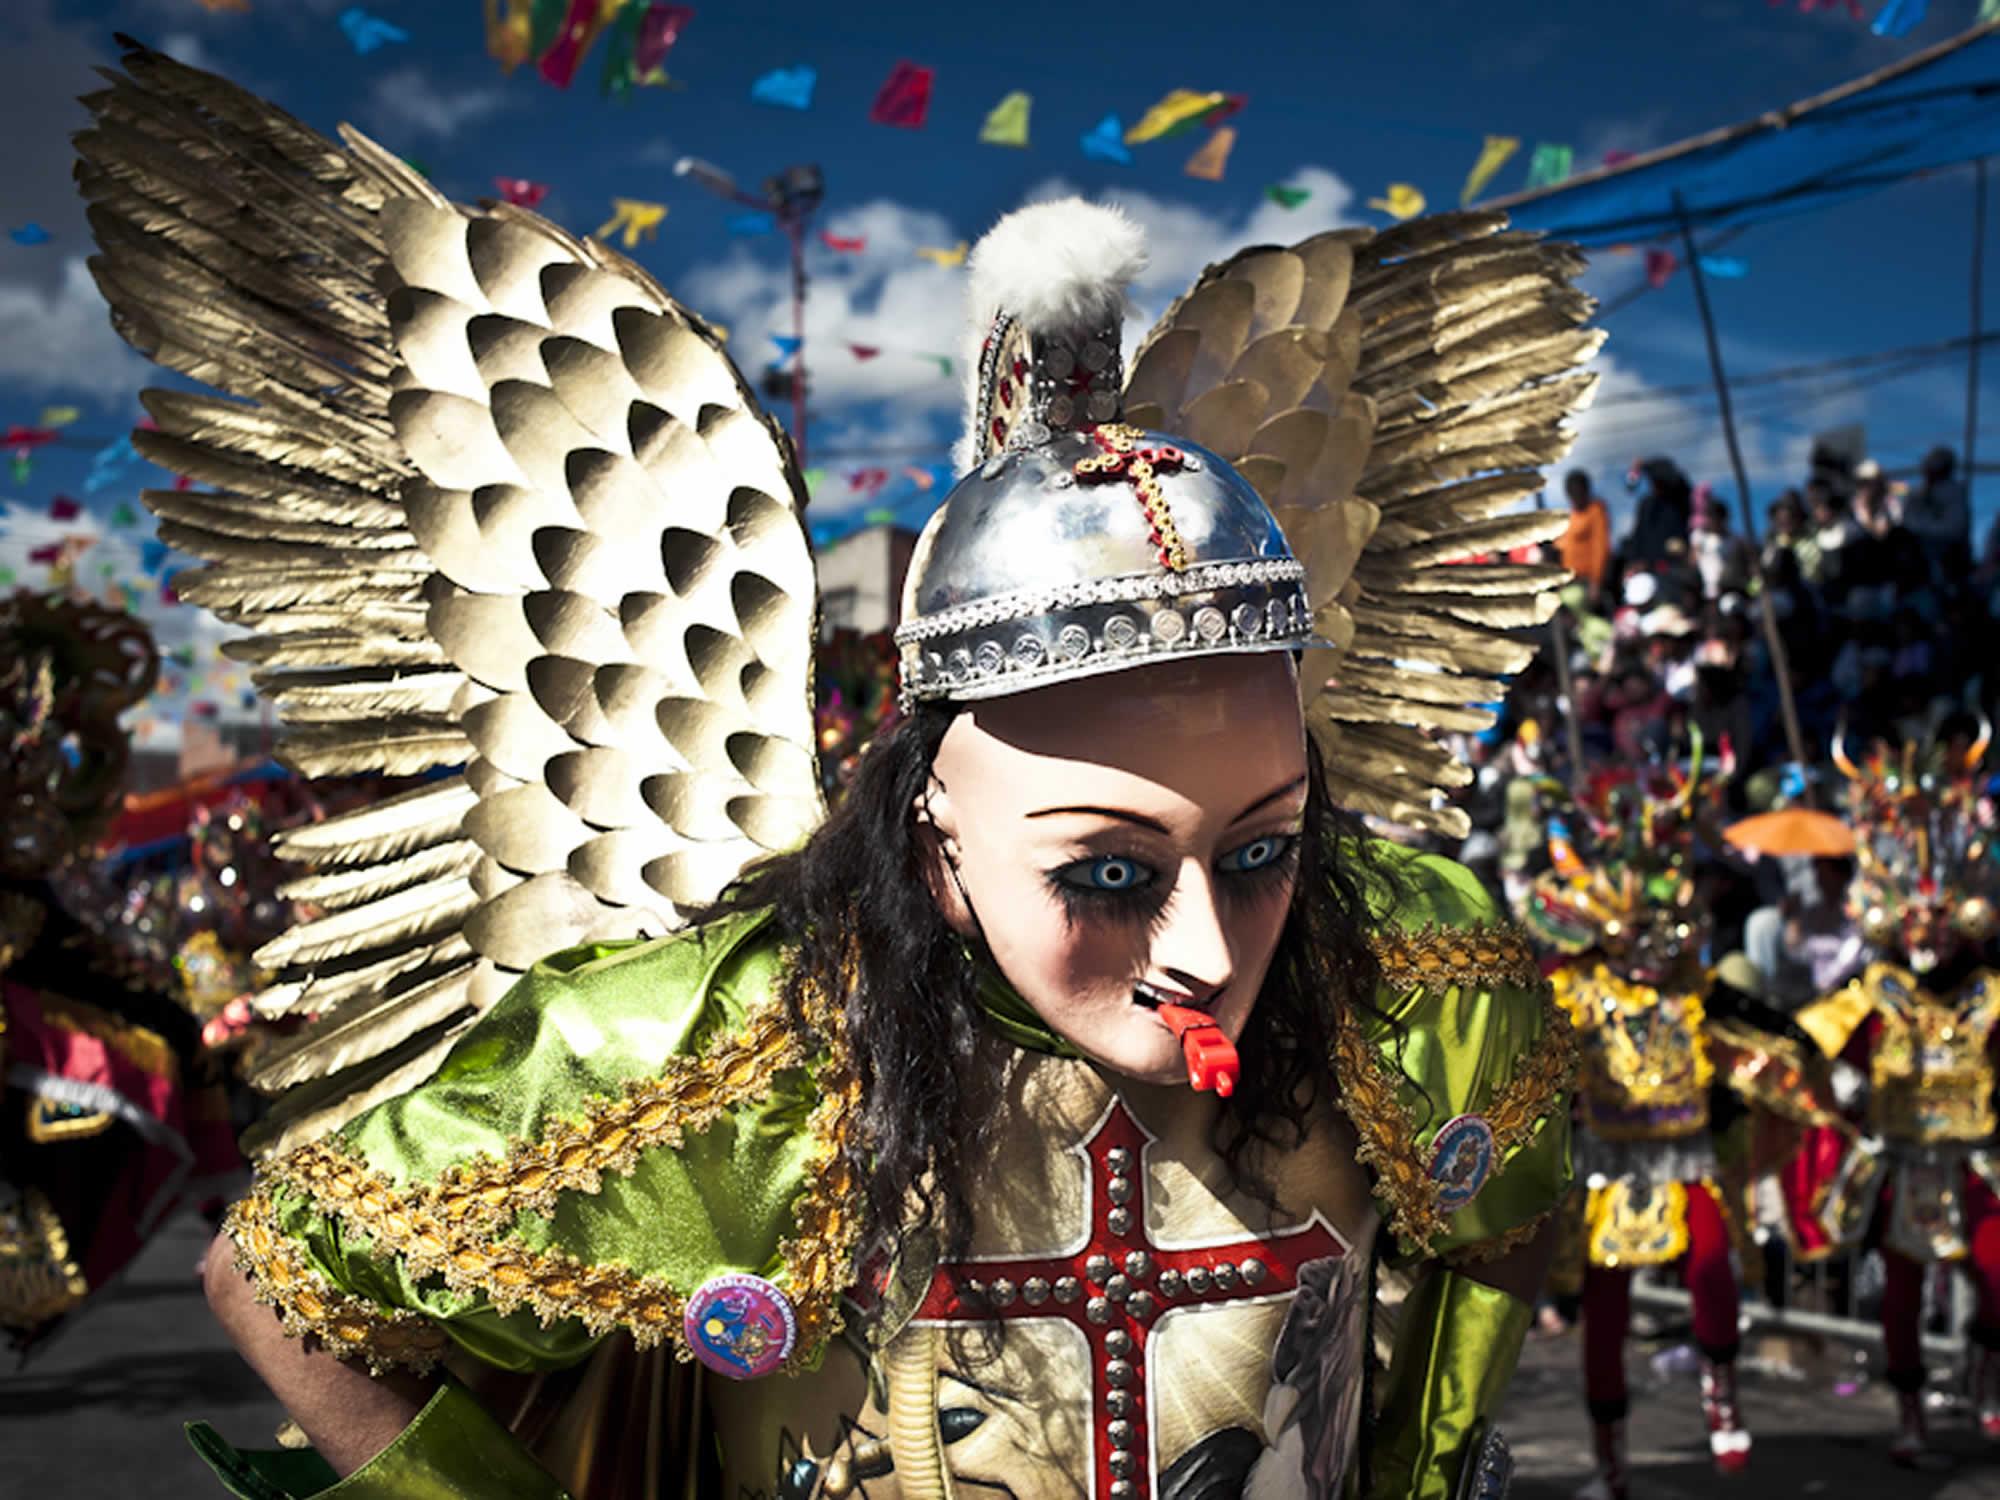 La Diablada - Oruro Carnival Dance, Oruro Carnival Dance